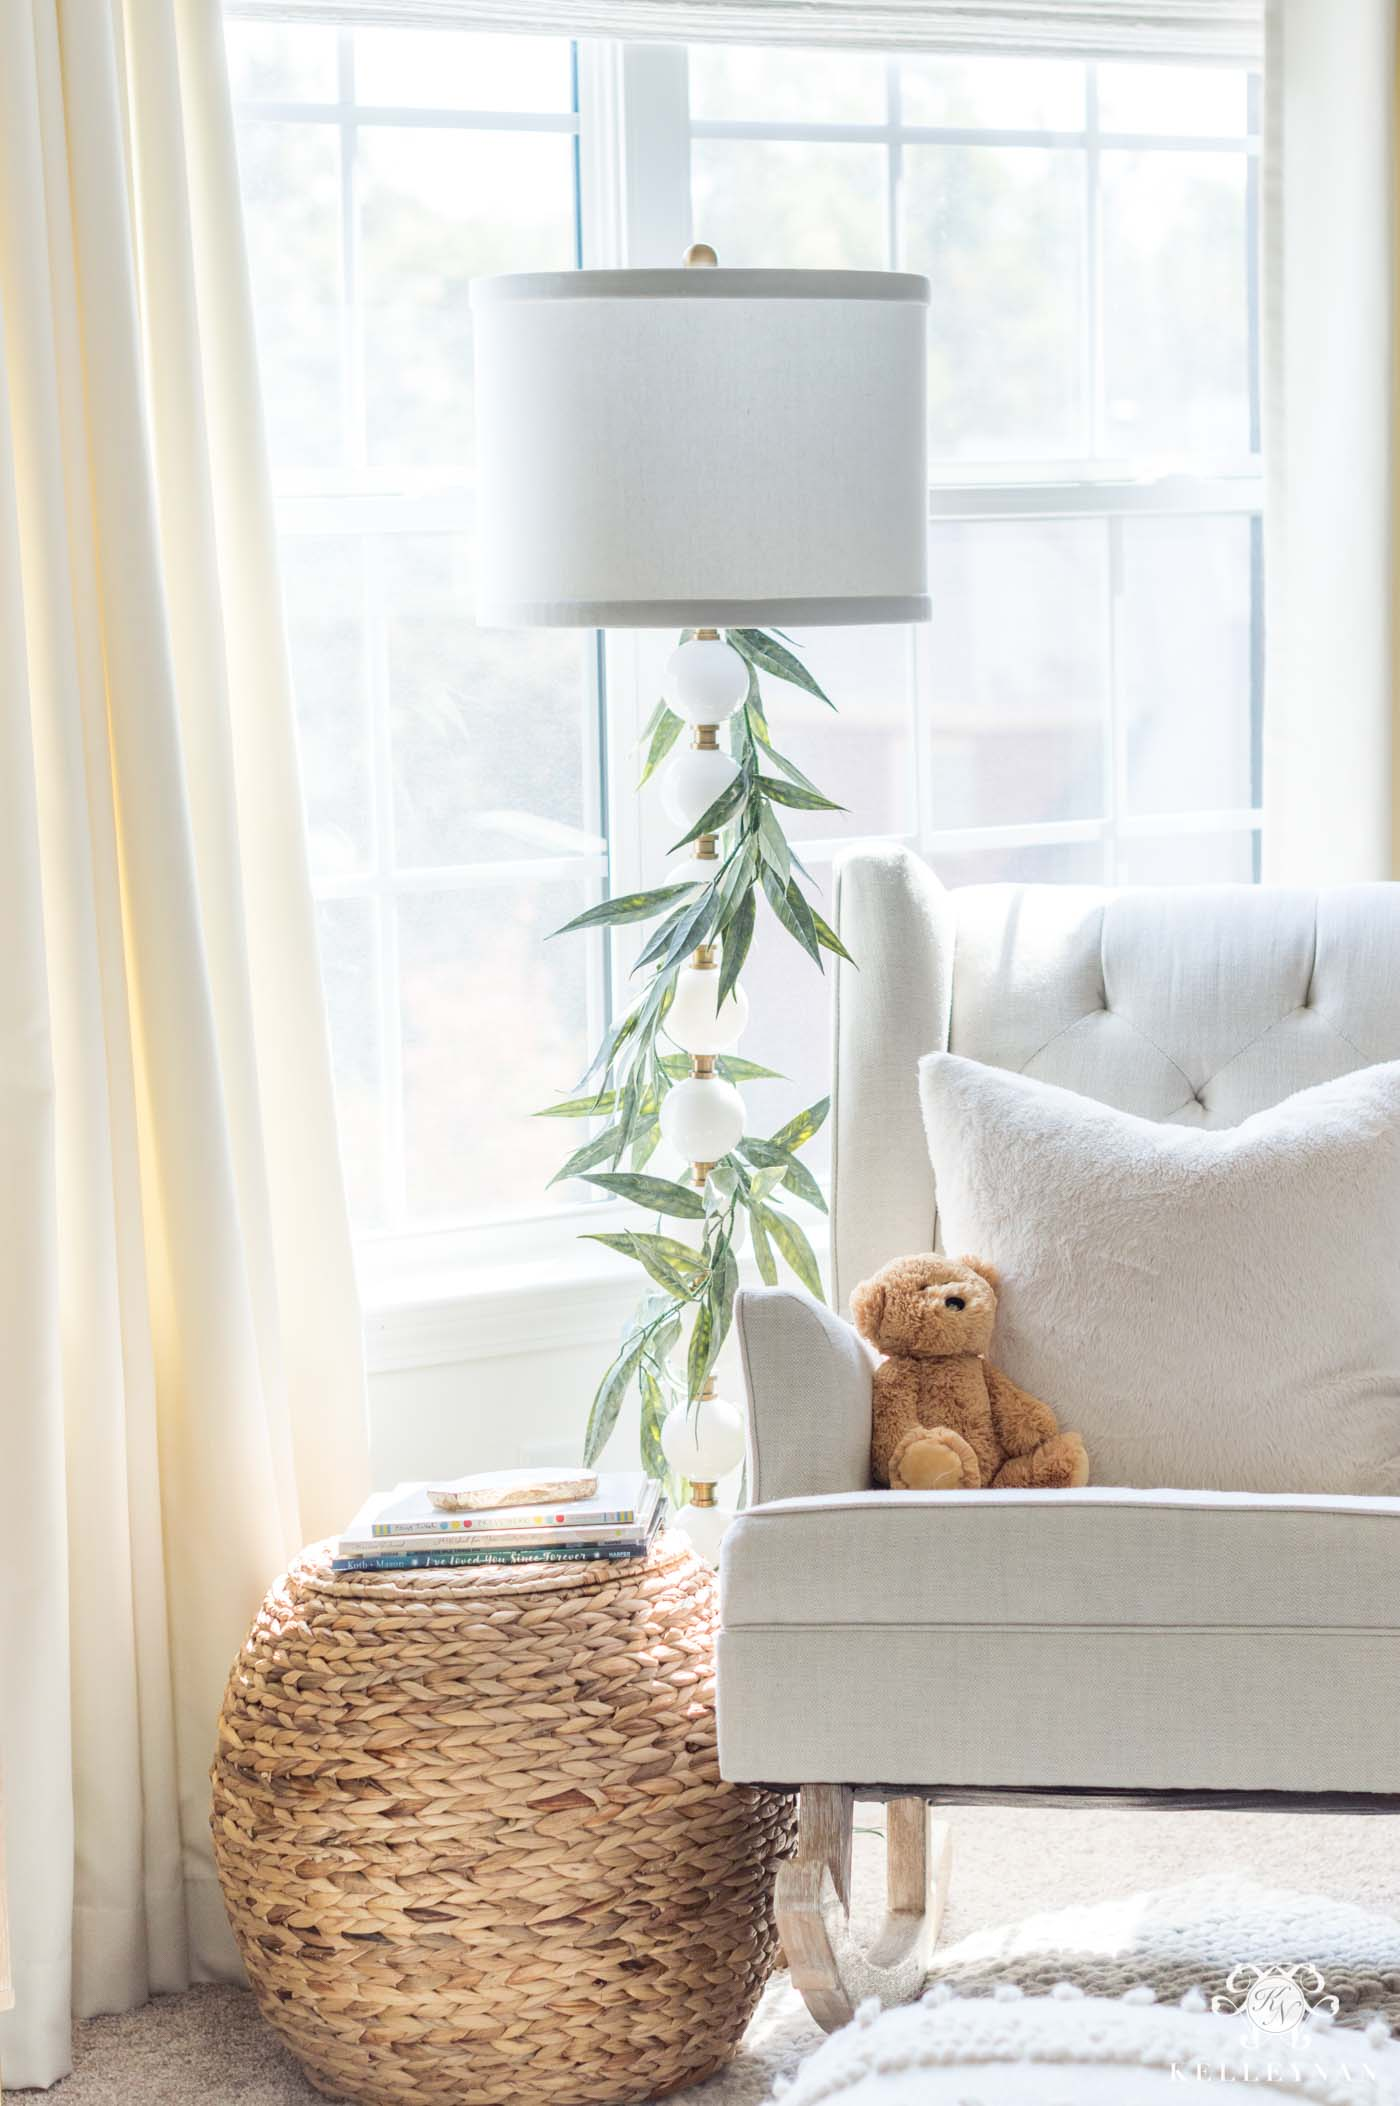 Woodland decor for a Christmas baby nursery